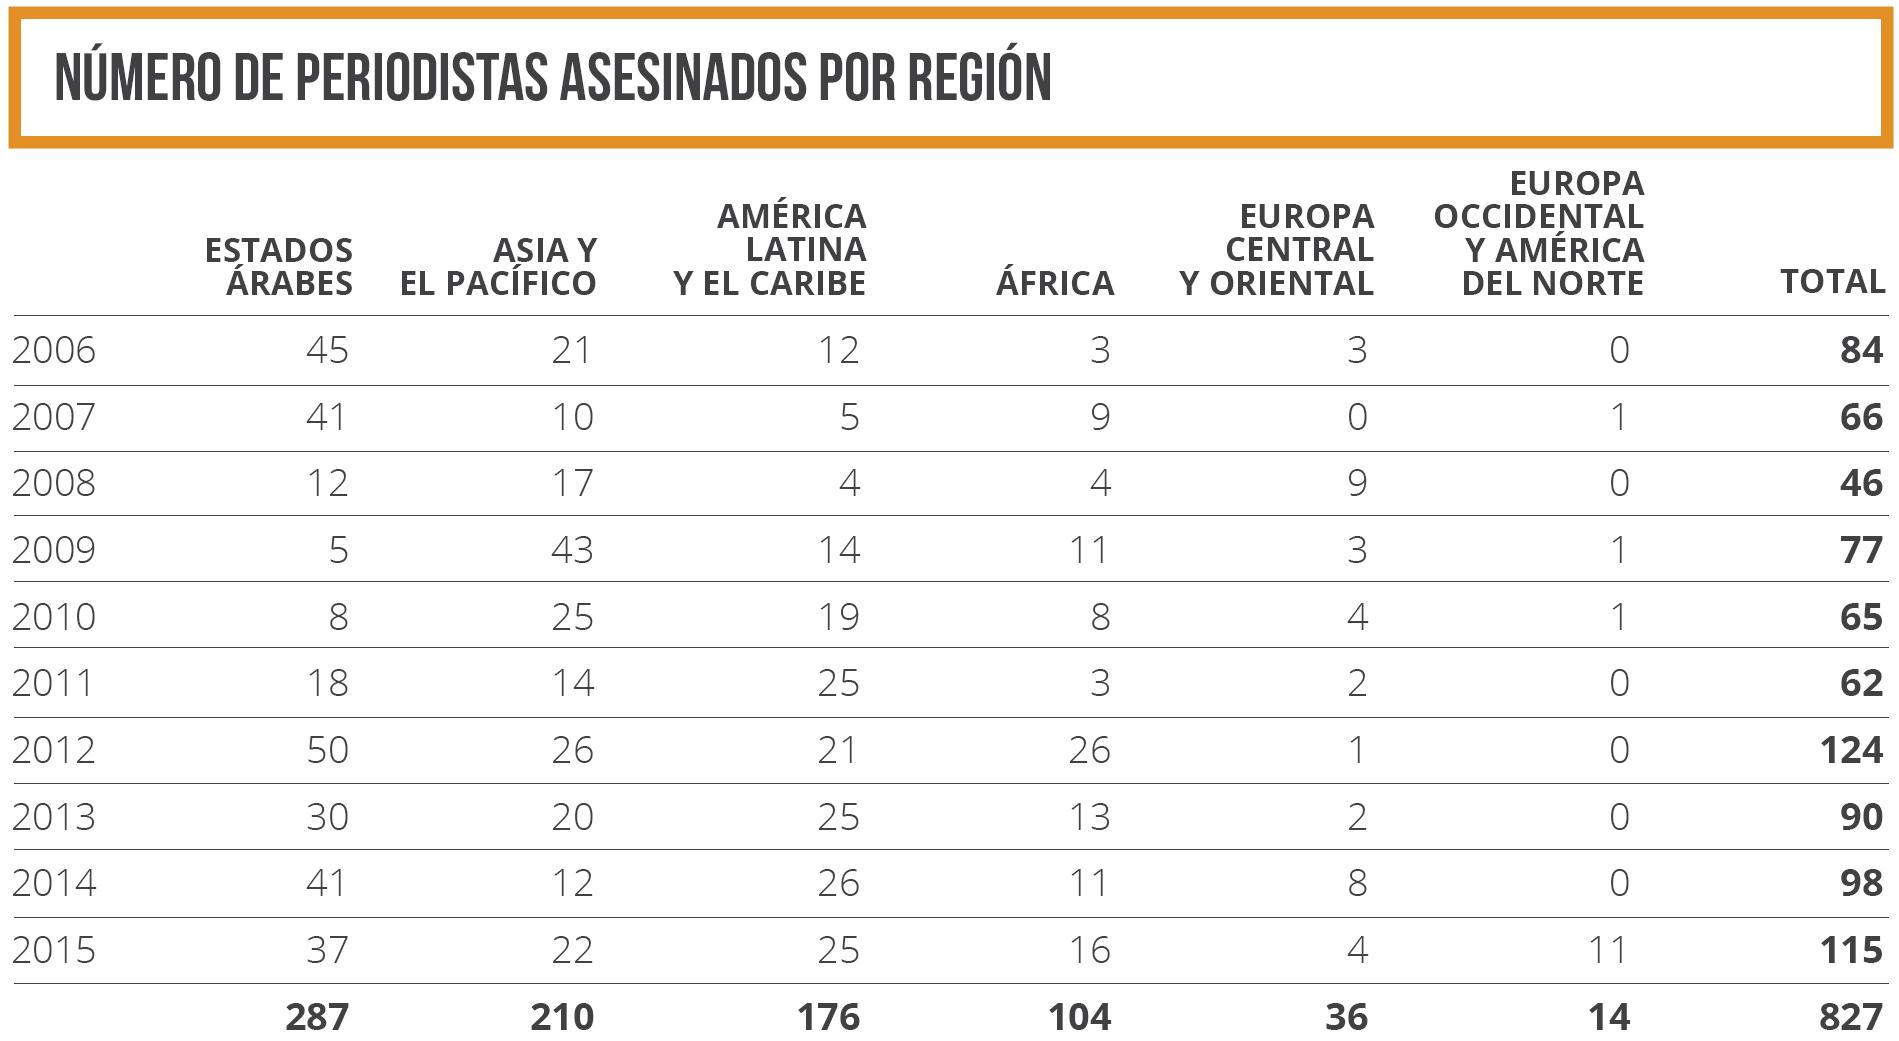 Número de periodistas asesinados por región 2006-2015